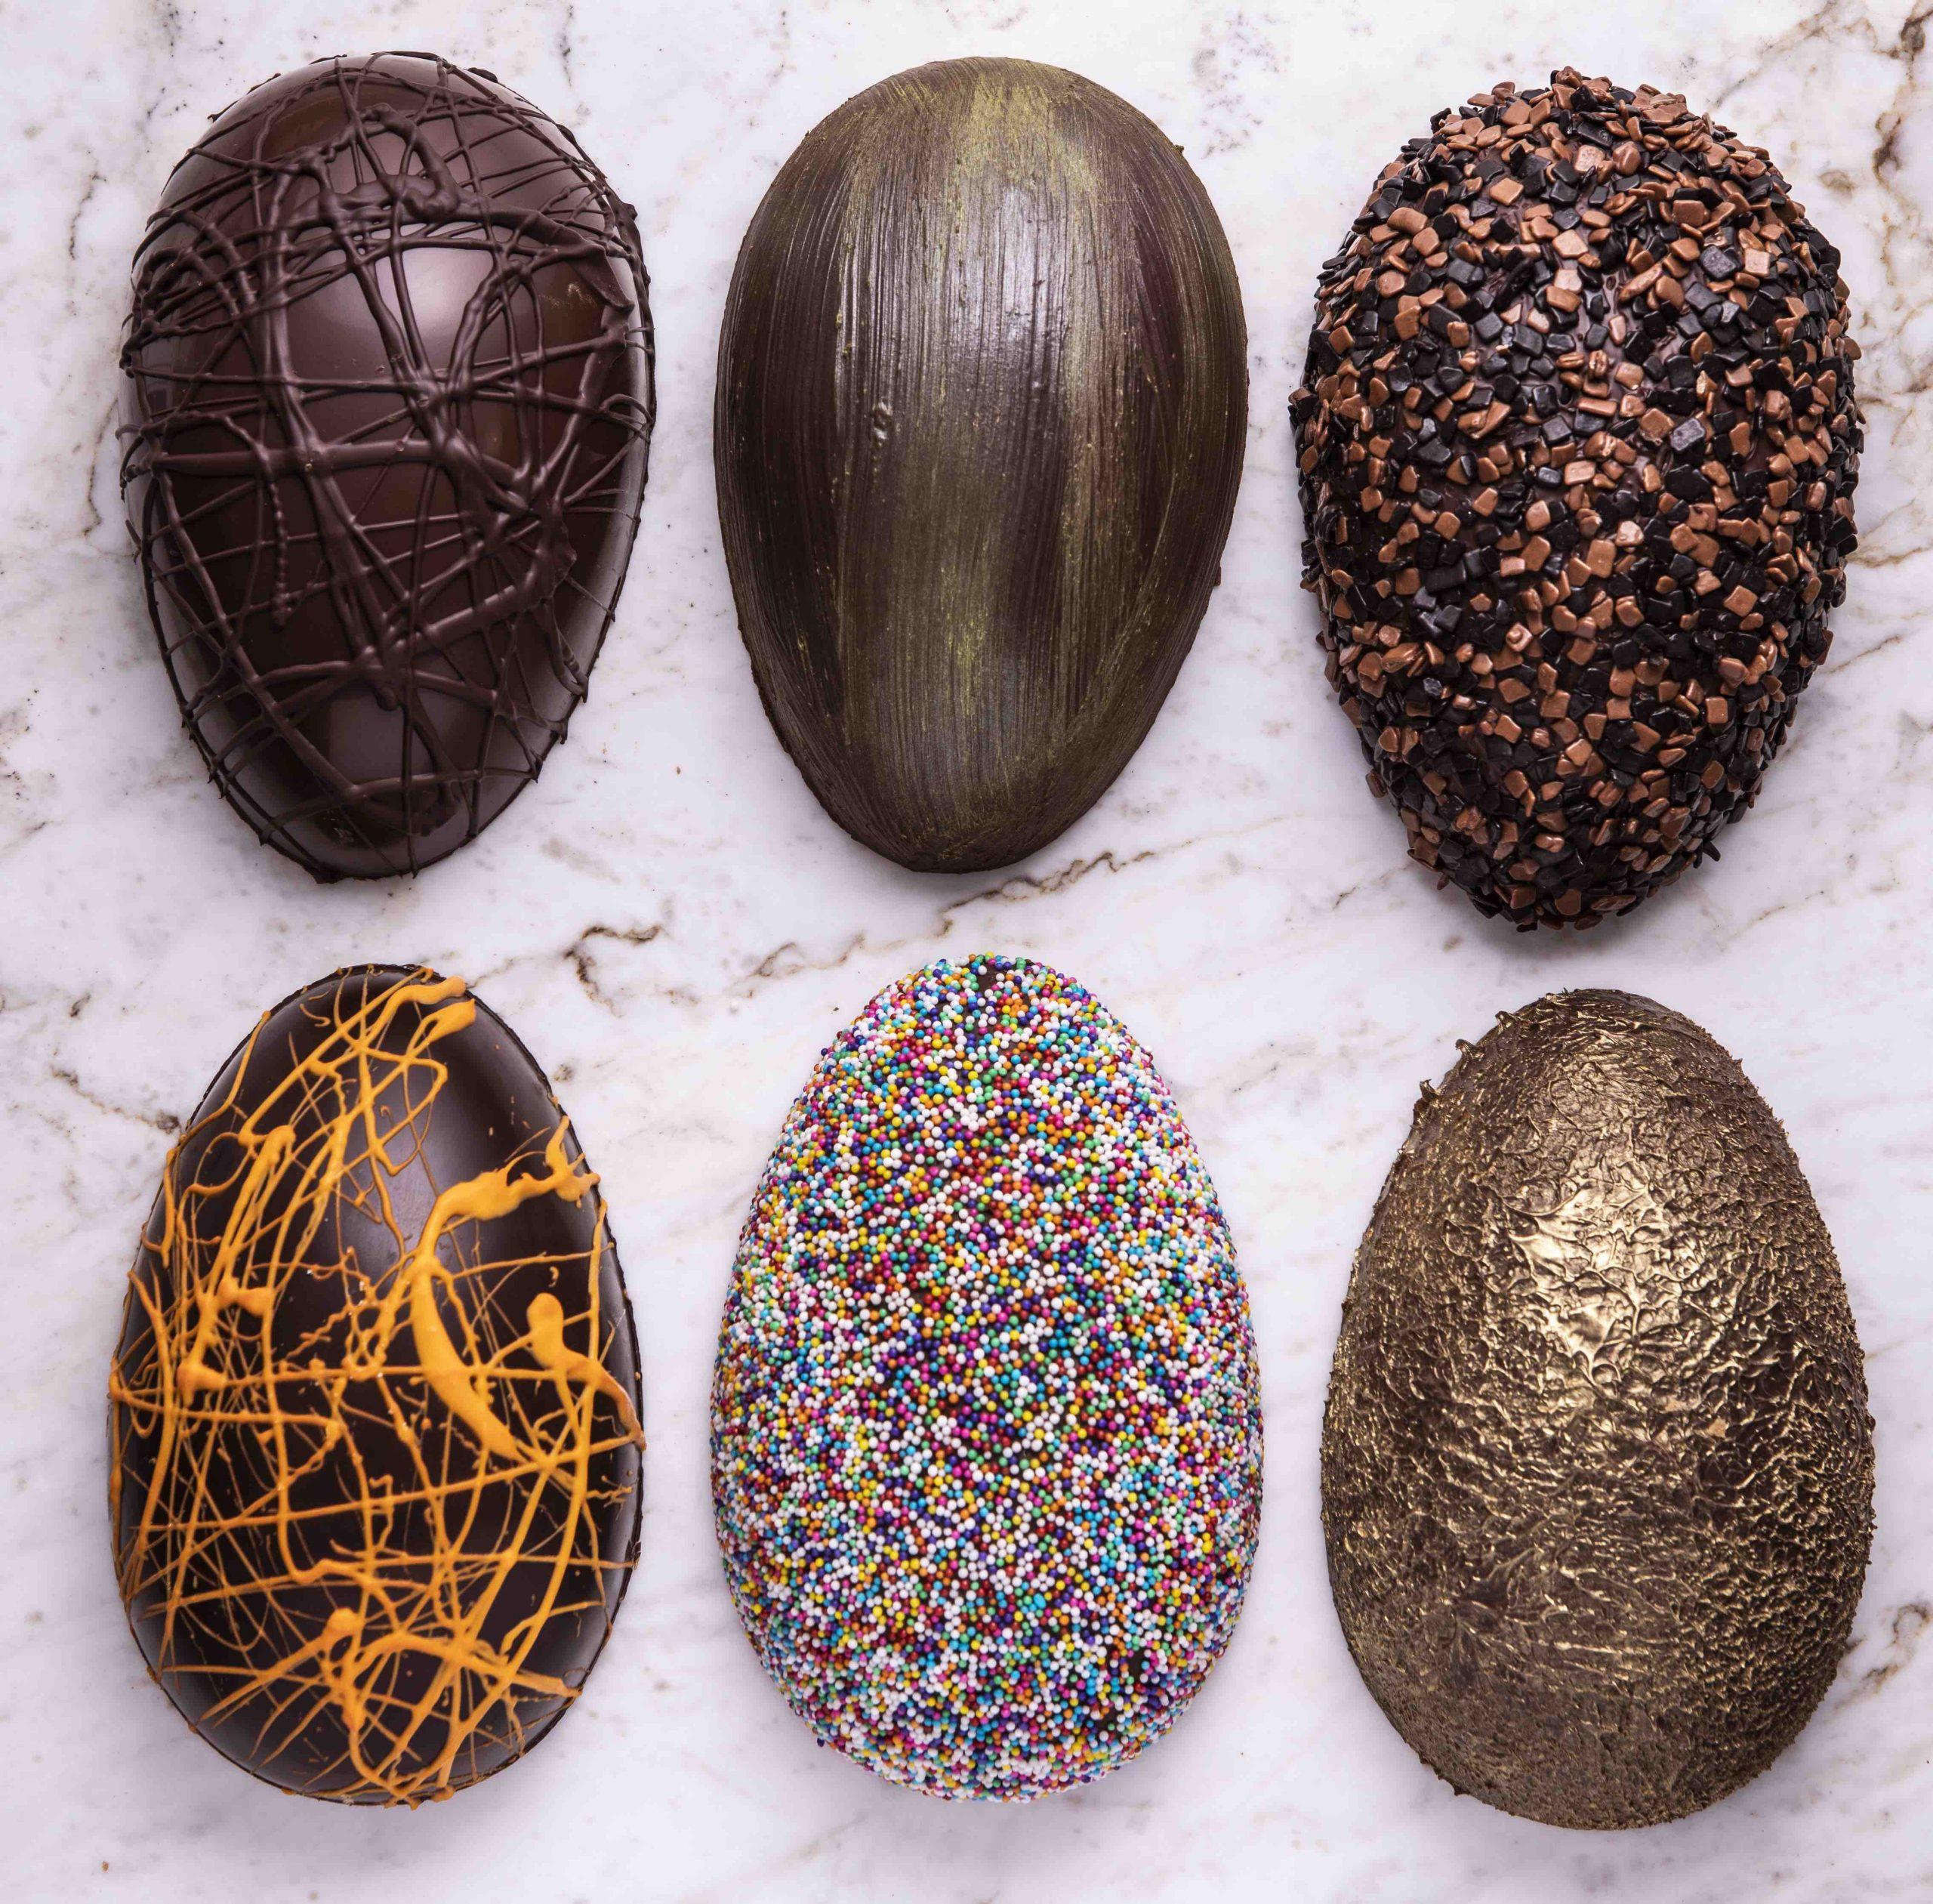 Confeitaria Dama: o cliente monta o ovo como desejar! (Foto: divulgação)